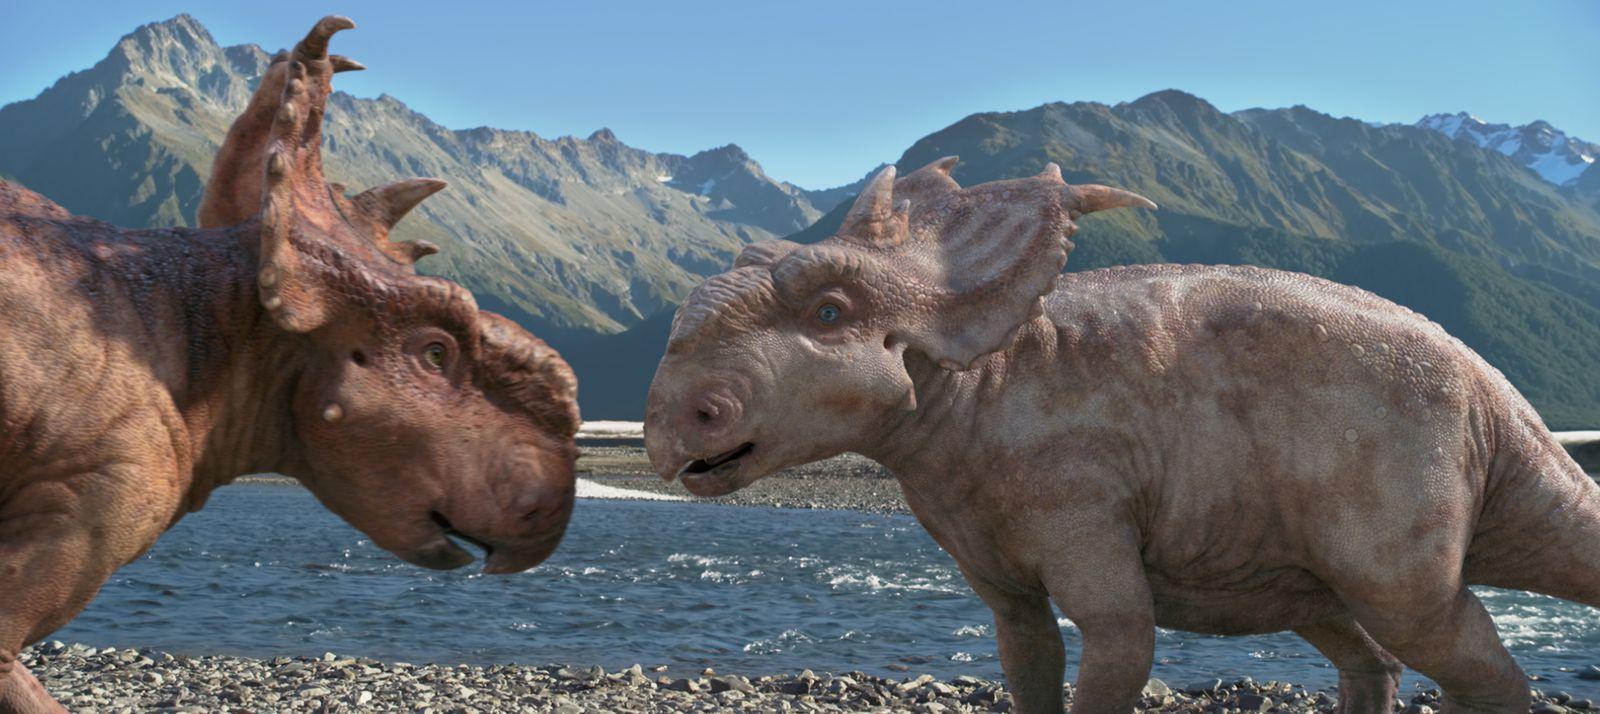 Sur la terre des dinosaures (BANDE ANNONCE) Vivez la plus grande aventure depuis 70 millions d'années !